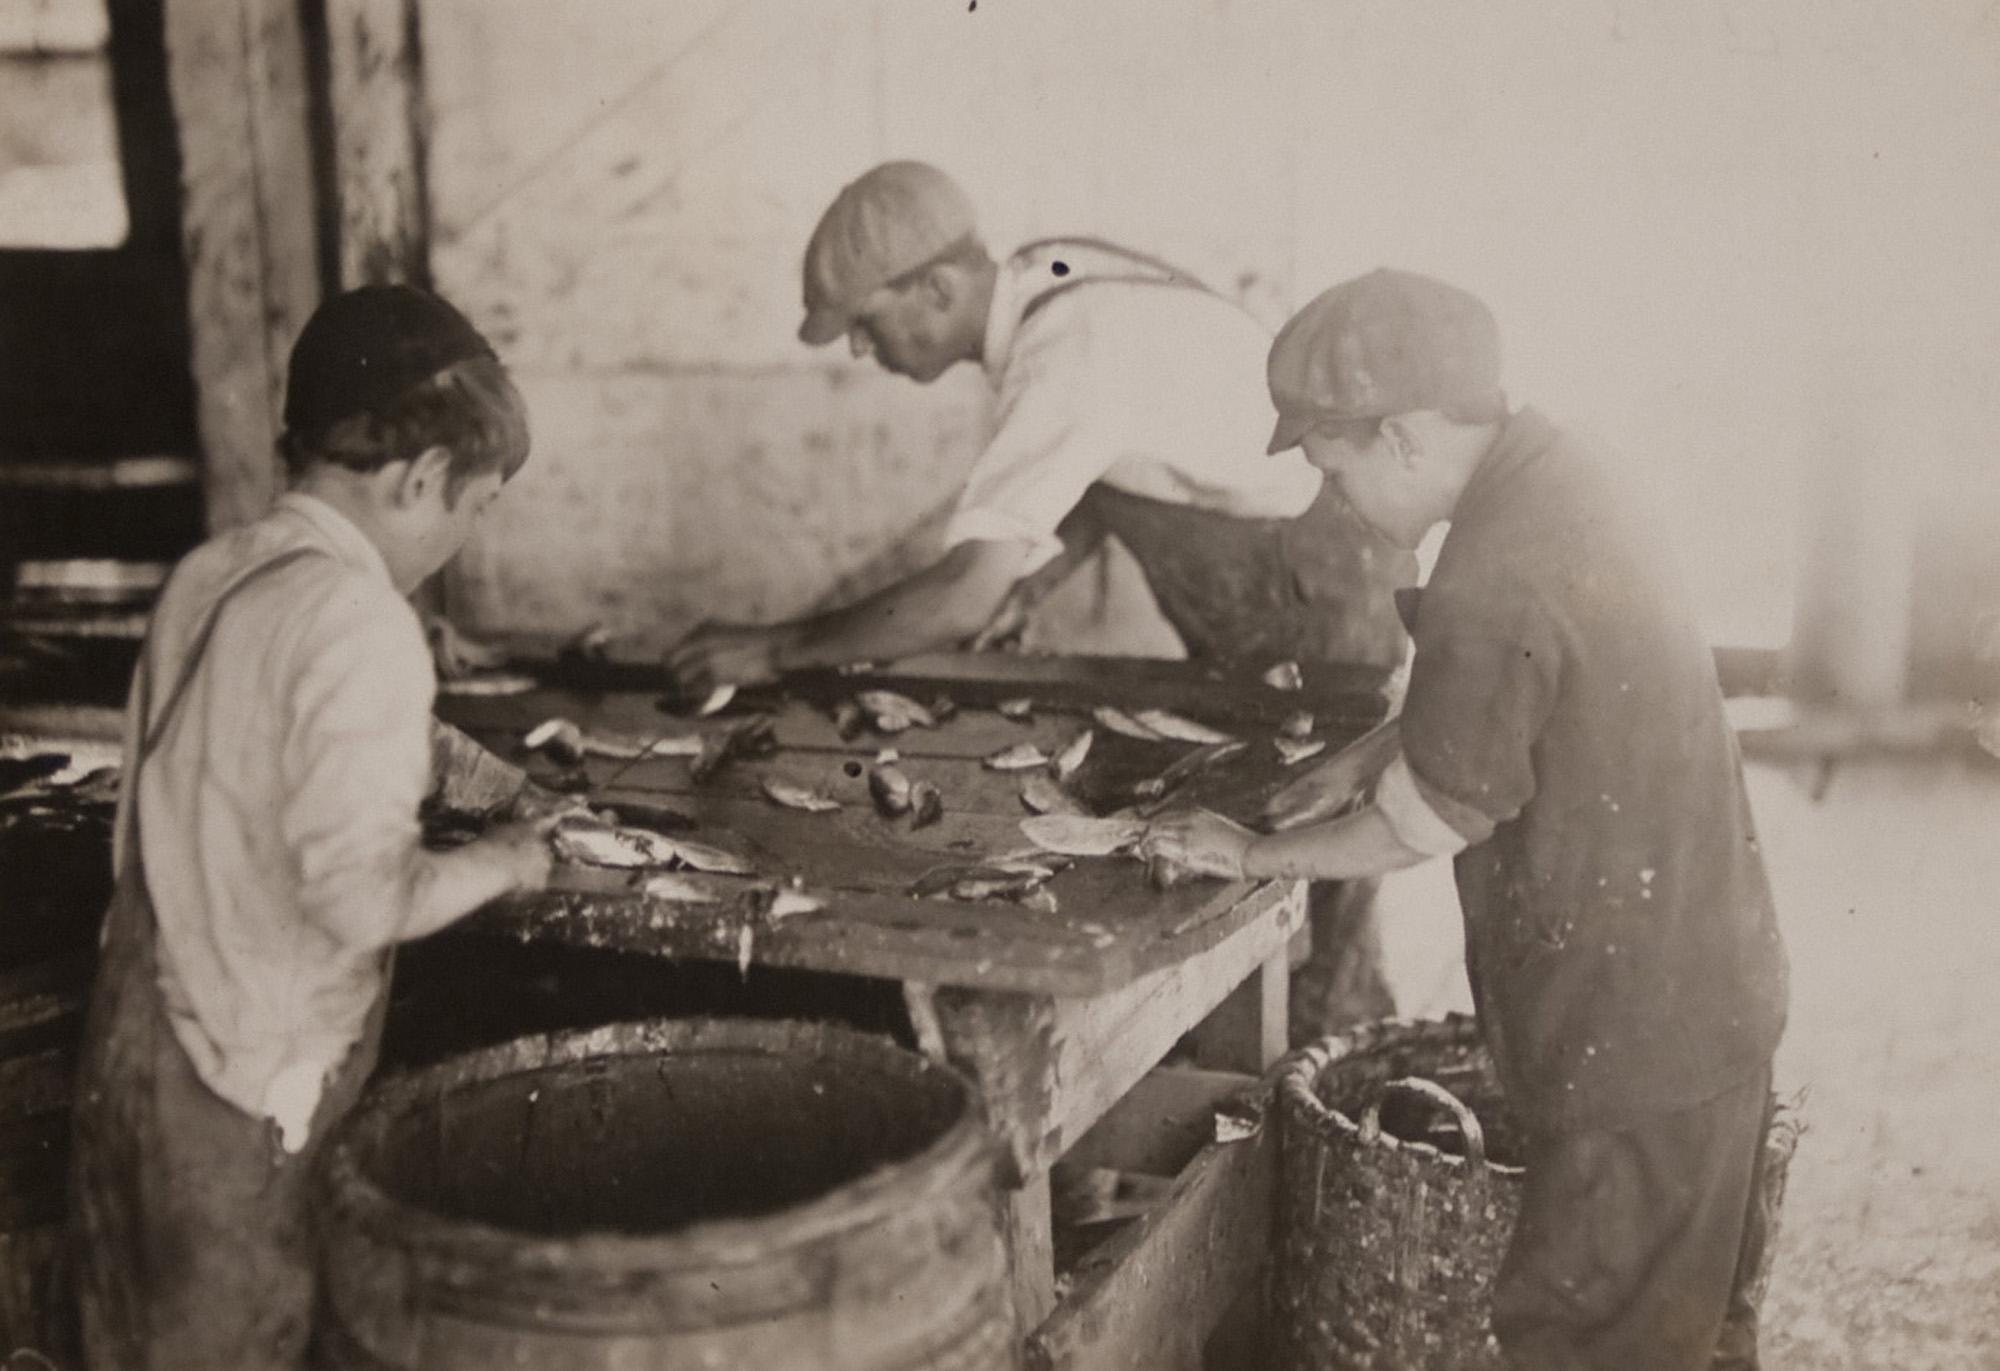 Komemoracija industrijske baštine – povijest konzerviranja ribe na Jadranu